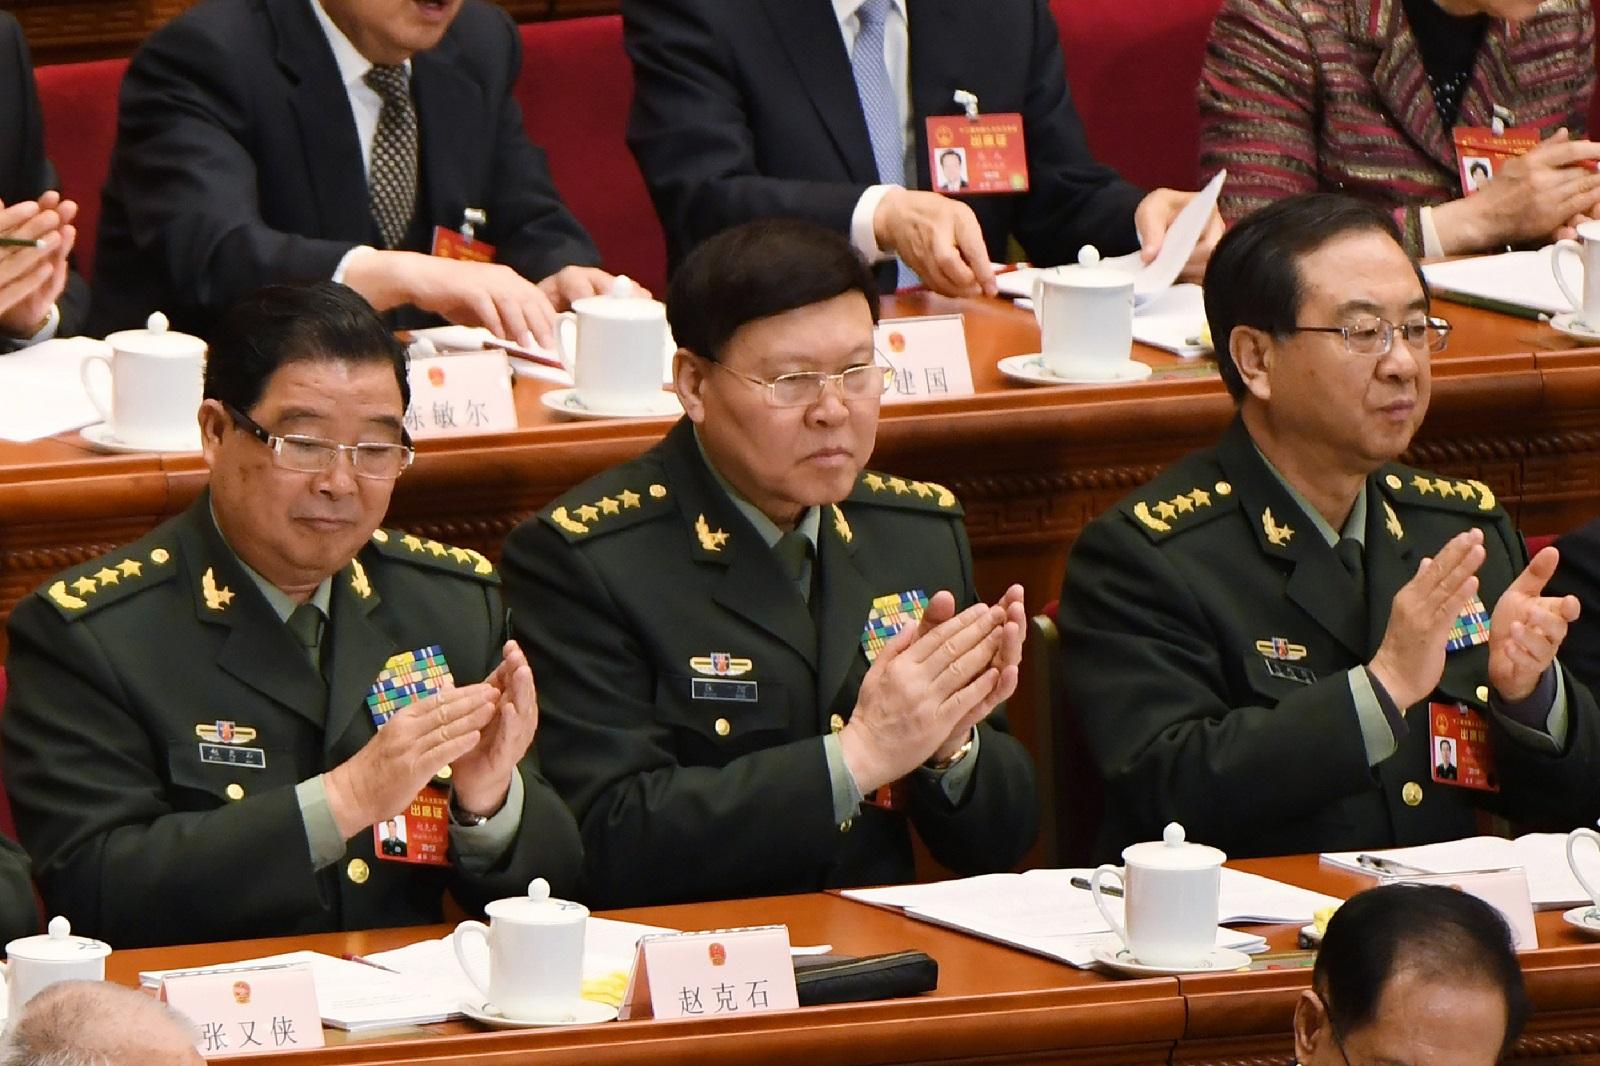 Kínában annyi korrupt politikust csuktak le, hogy már nincs elég cella a pekingi elitbörtönben